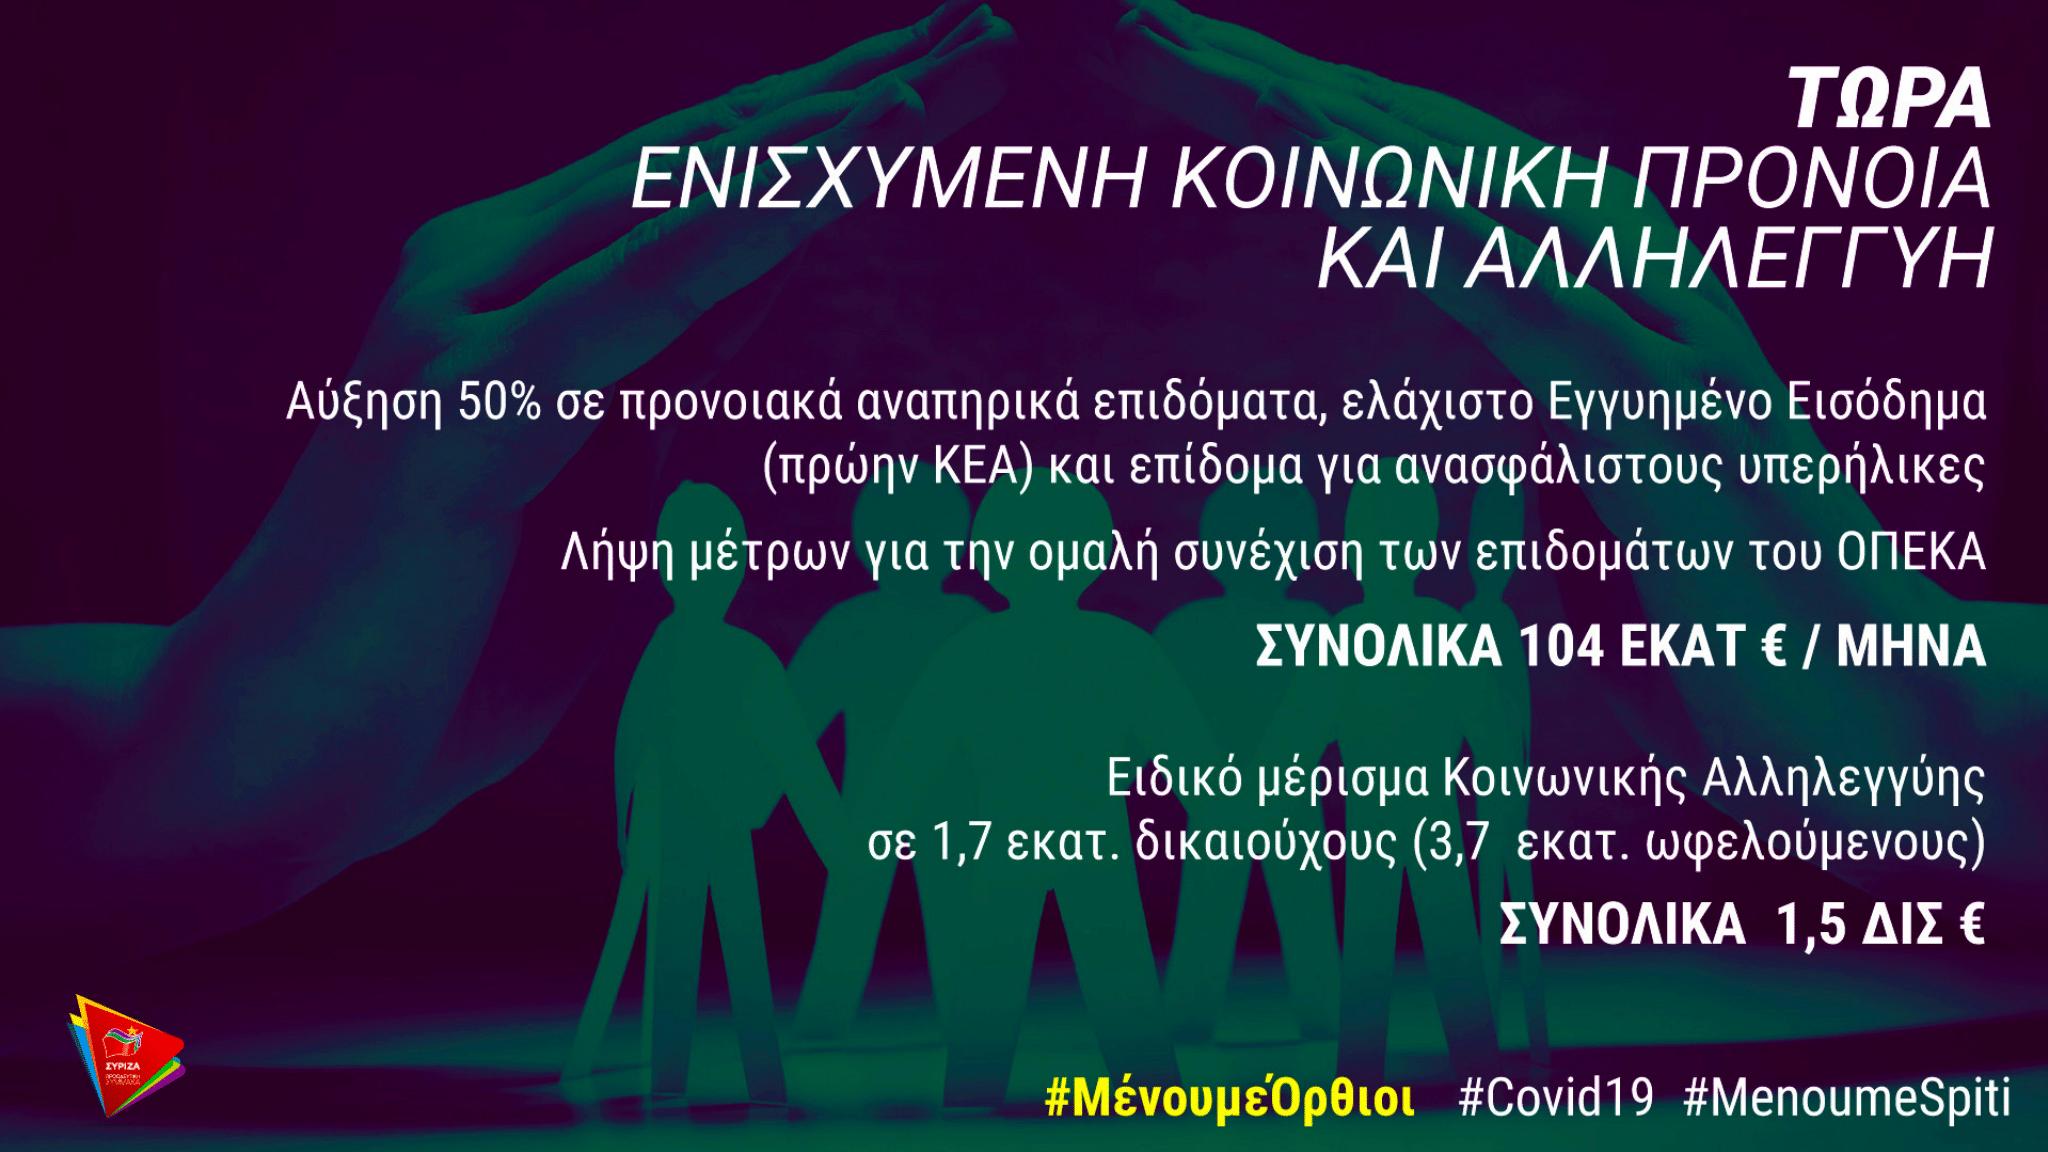 ΕΥΓΕ ΑΛΕΞΗ. Ο Αλέξης Τσιπρας υιοθέτησε την πρόταση του ολυμπια για κοινωνικό μερισμα σε όλες τις ευπαθείς ομάδες. Η κυβέρνηση θα ακολουθήσει;